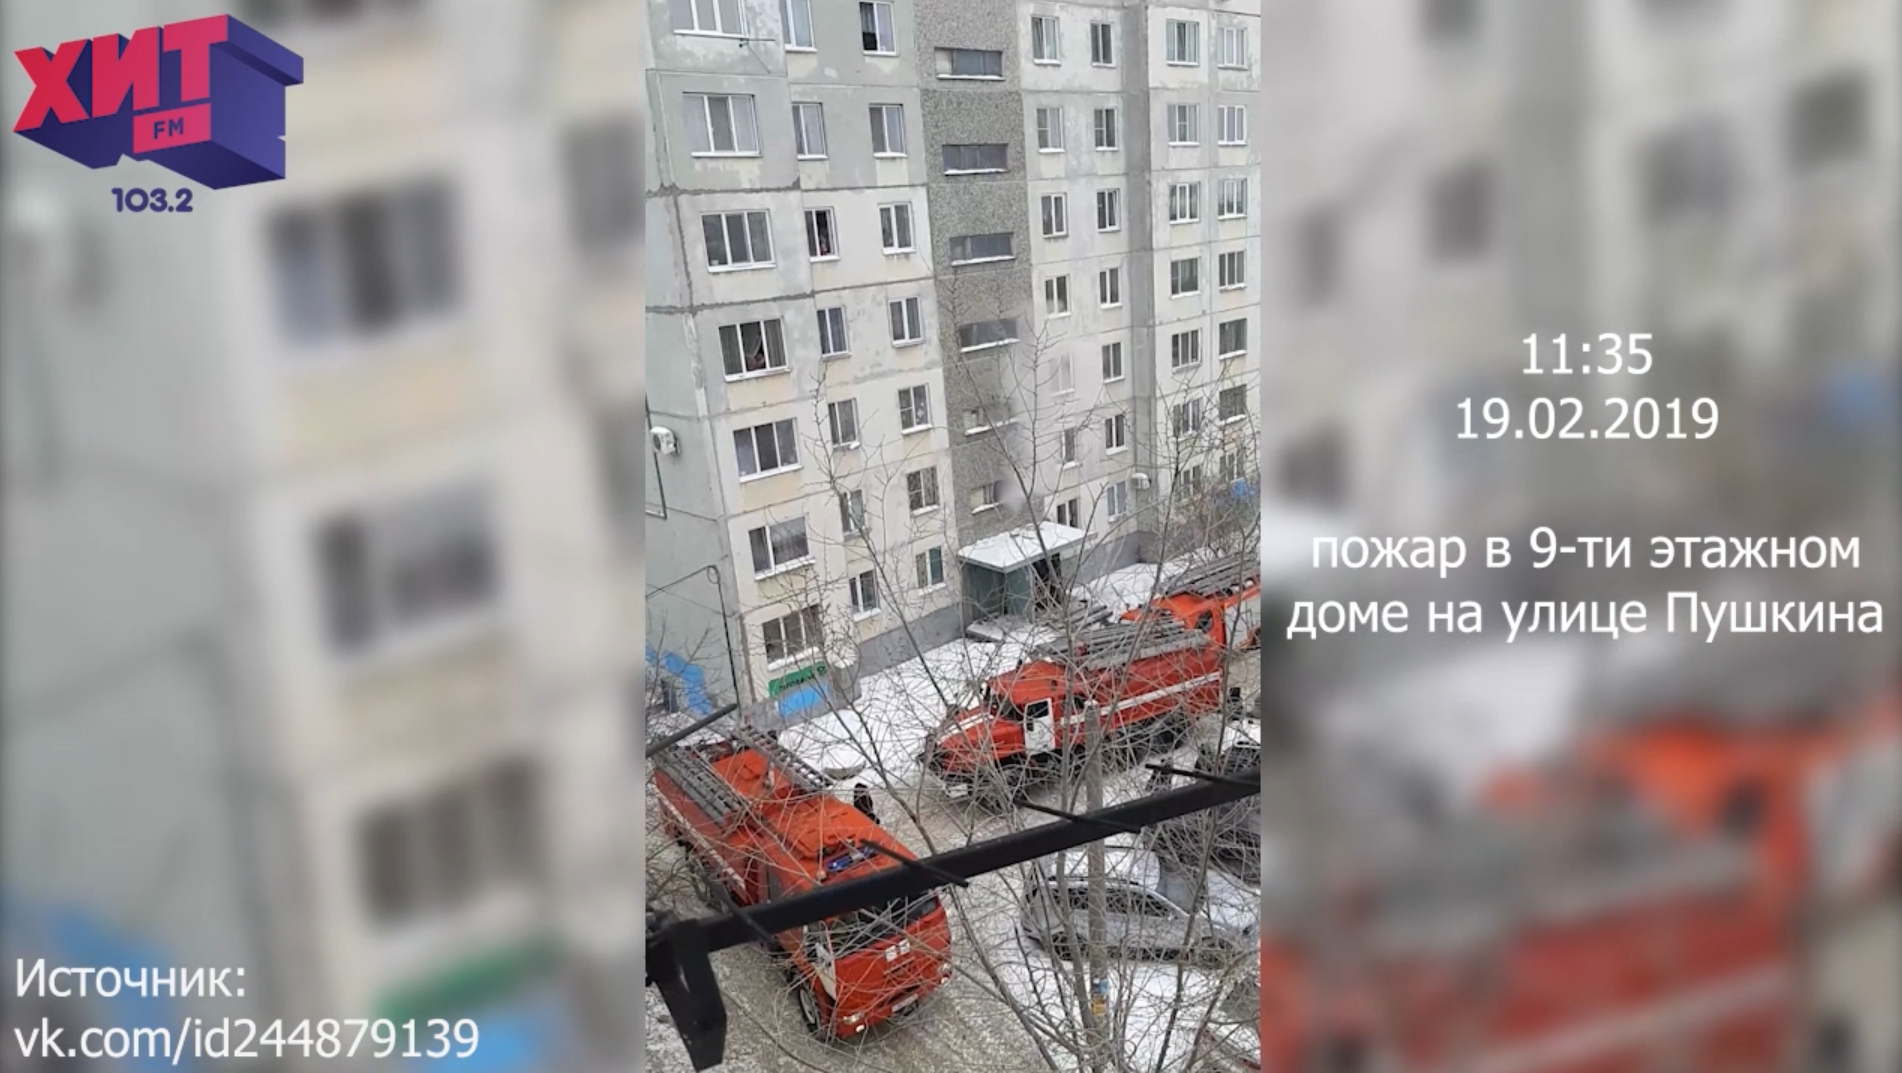 Пожар в 9-ти этажном доме на улице Пушкина 19.02.2019